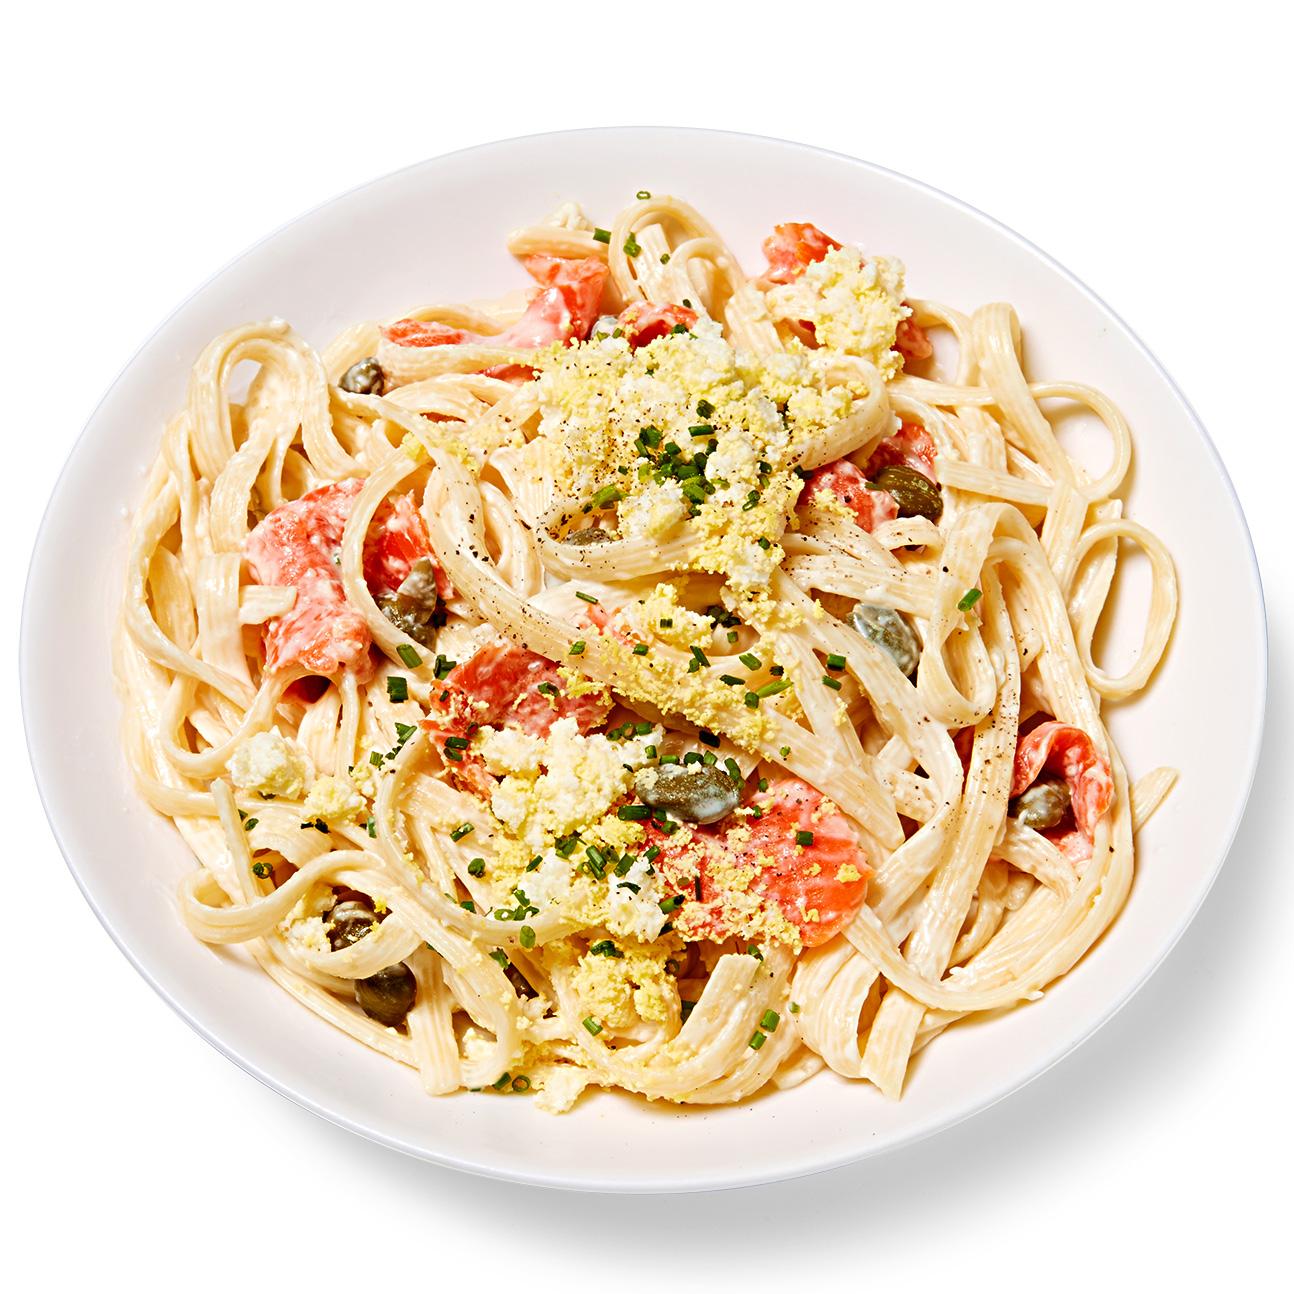 Egg & Smoked Salmon Pasta